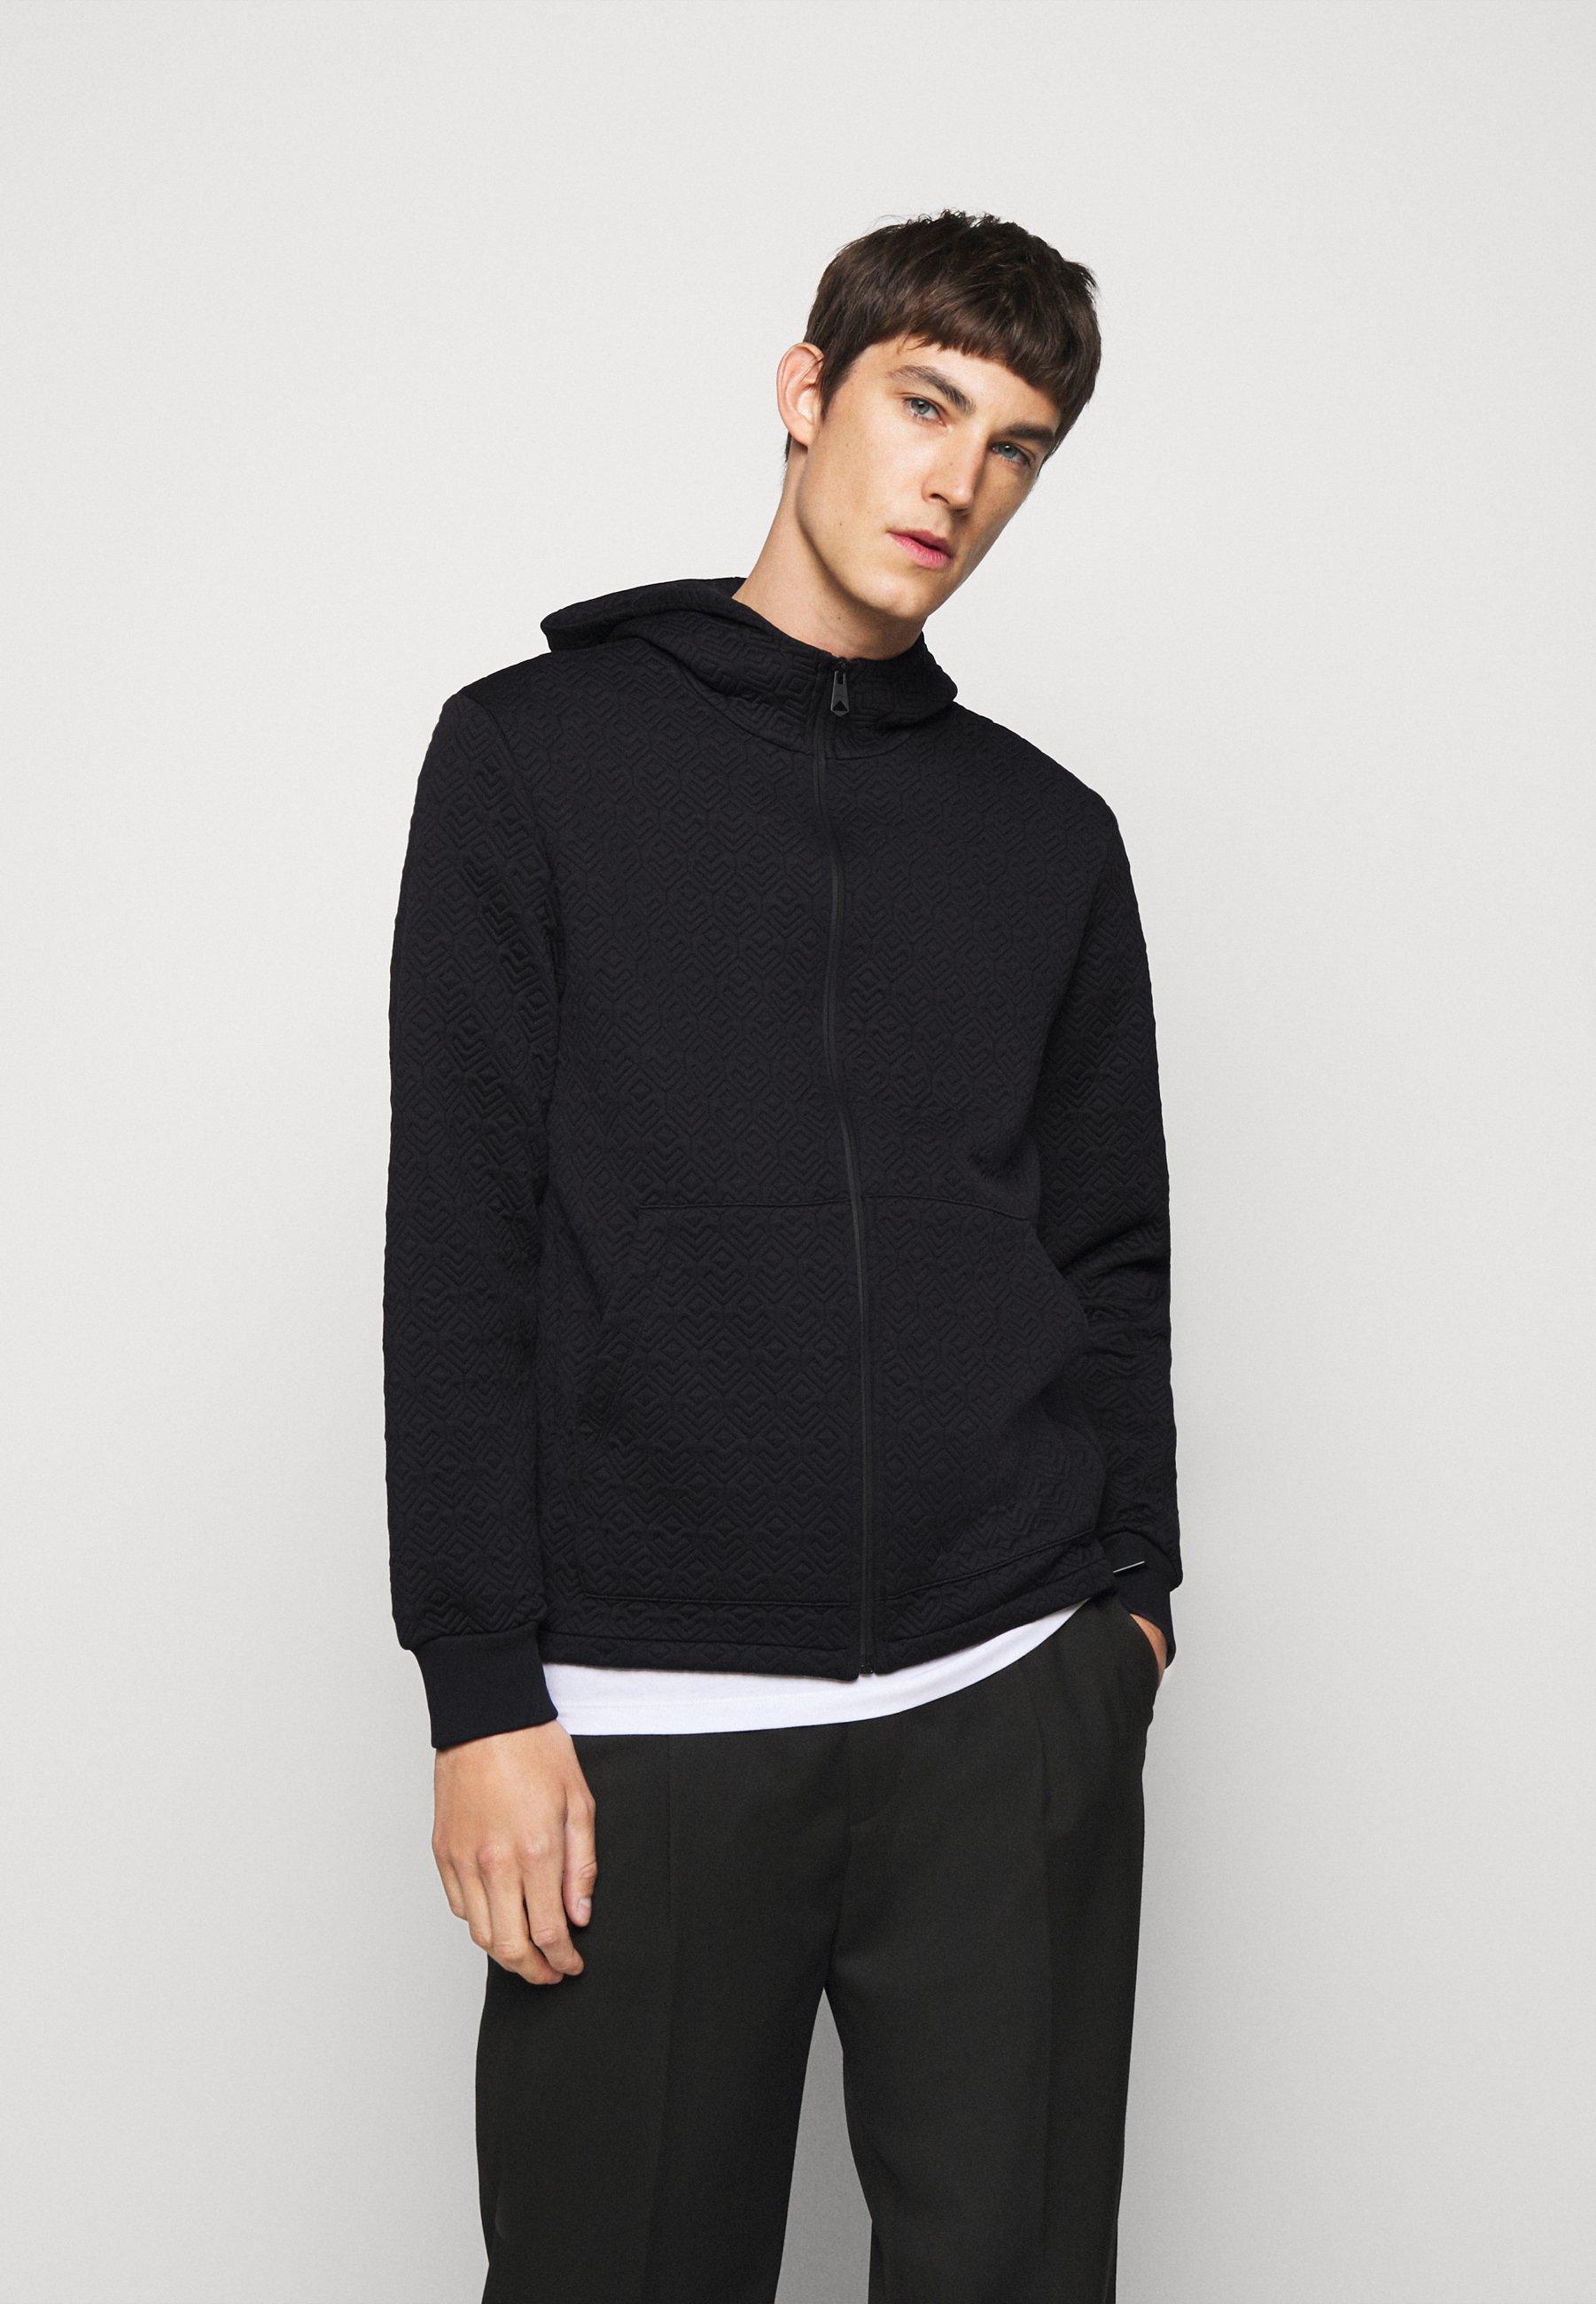 BLACK Striped sweatshirt  PS By Paul Smith  Hettejakker - Herreklær er billig